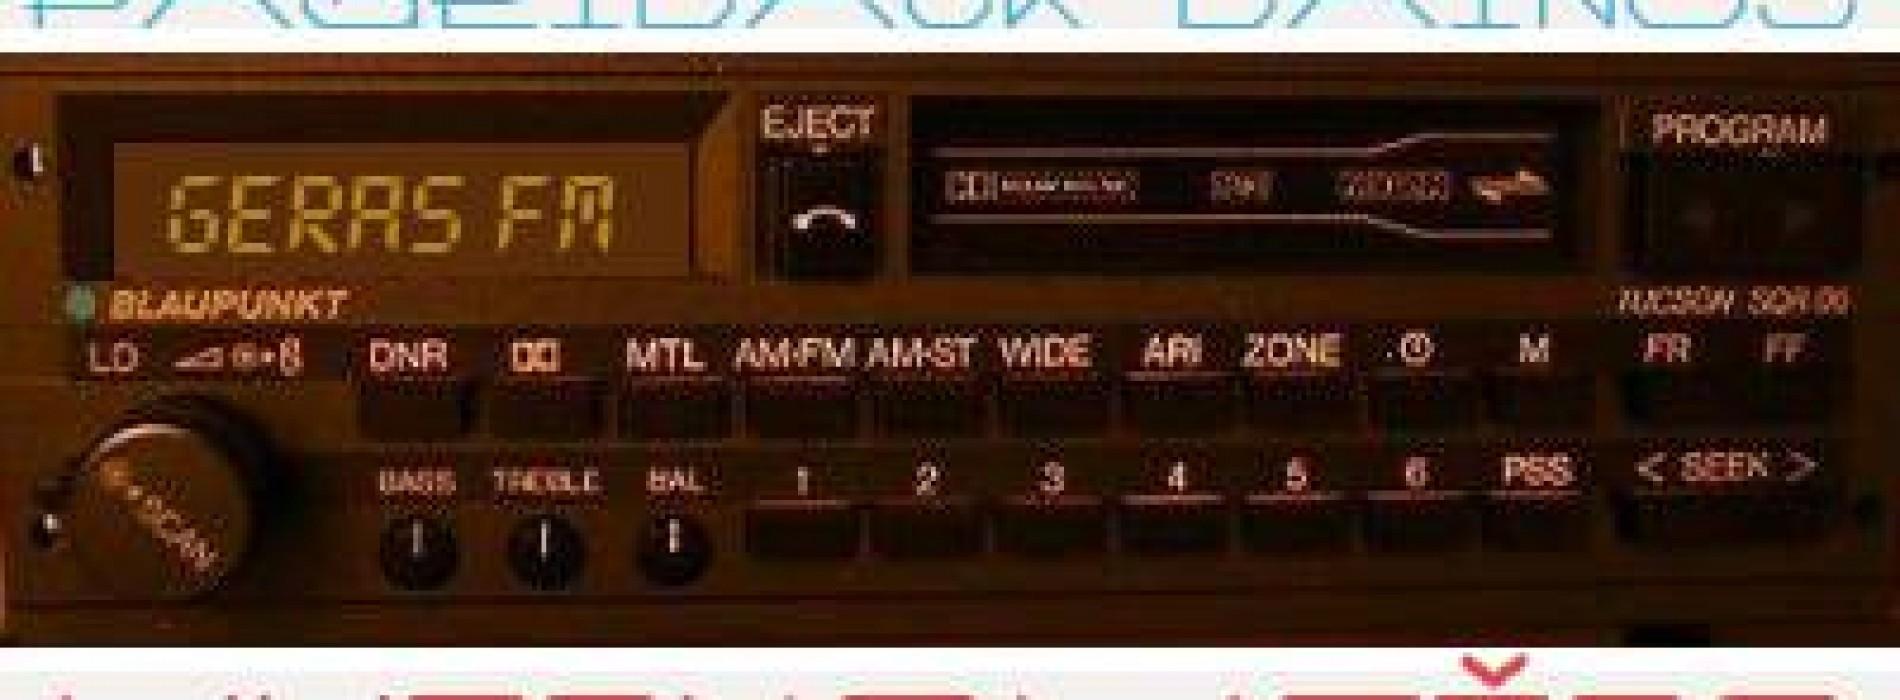 Išsirink dainą iš didžiausios 90-ųjų fonotekos!